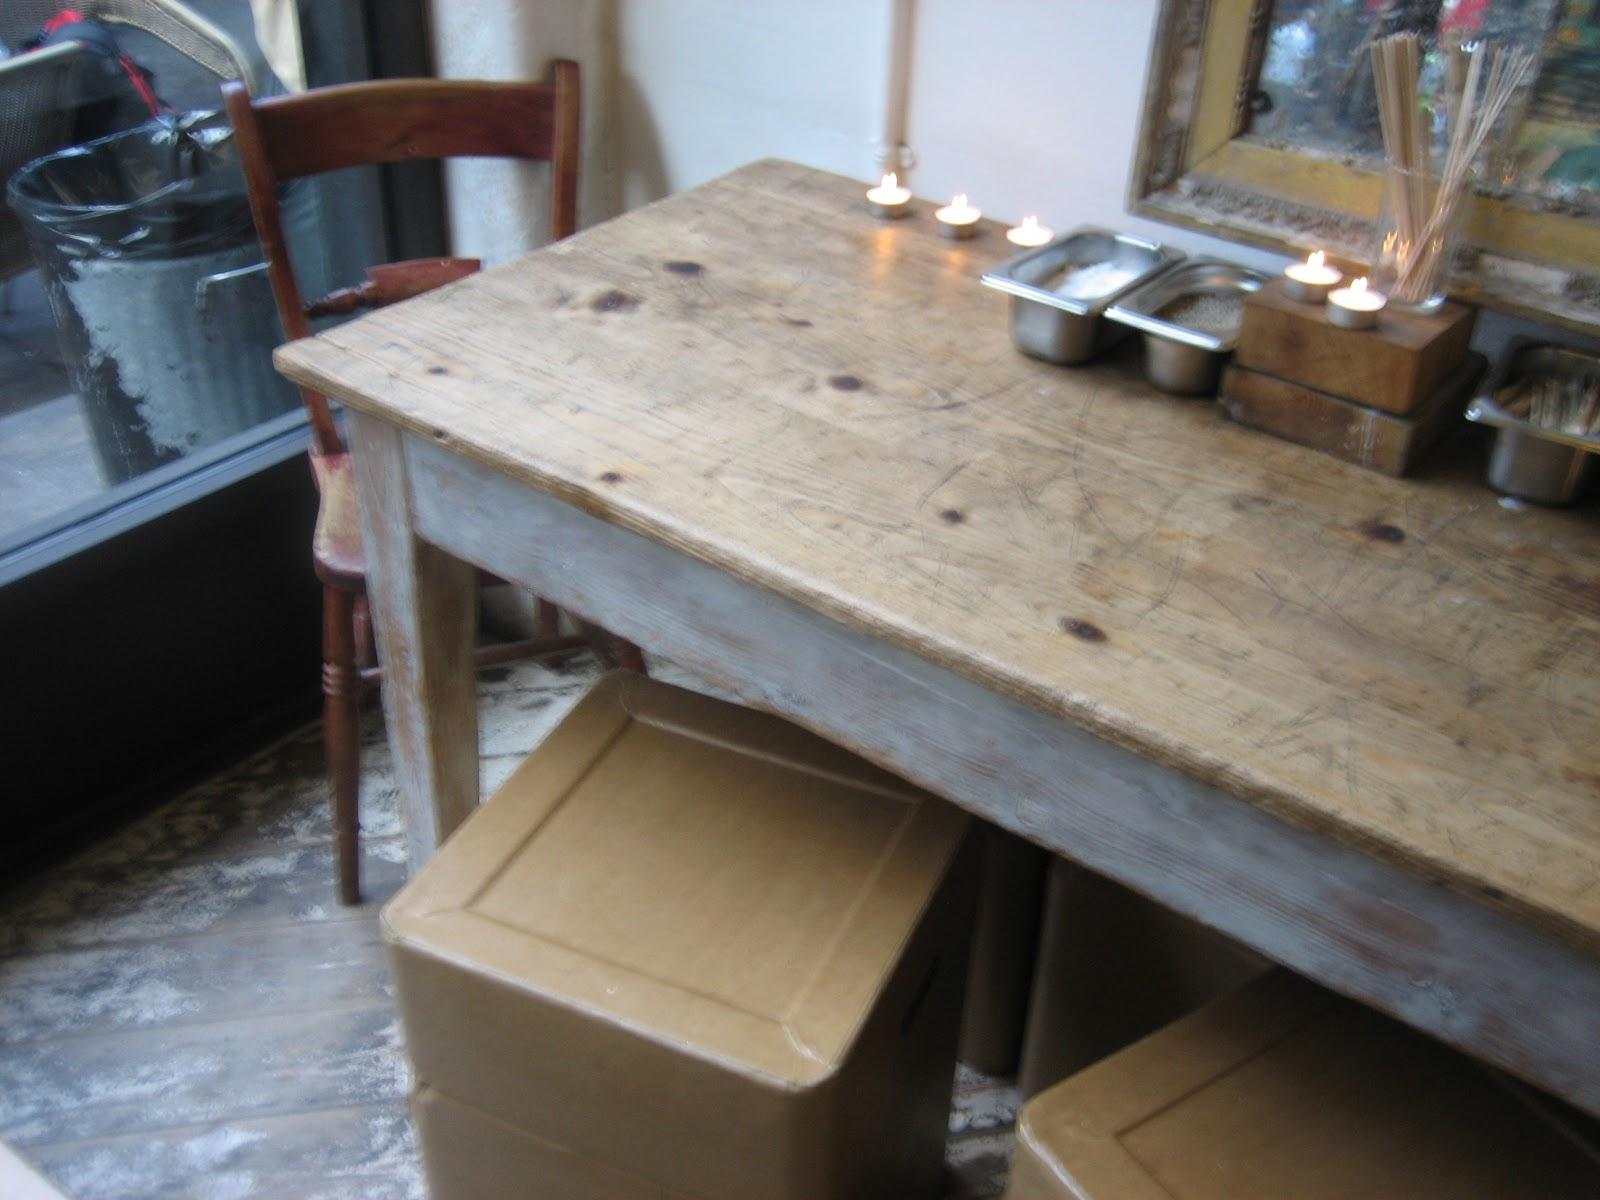 Piani per tavoli in legno vecchio nj11 regardsdefemmes for Piani domestici di vecchio stile